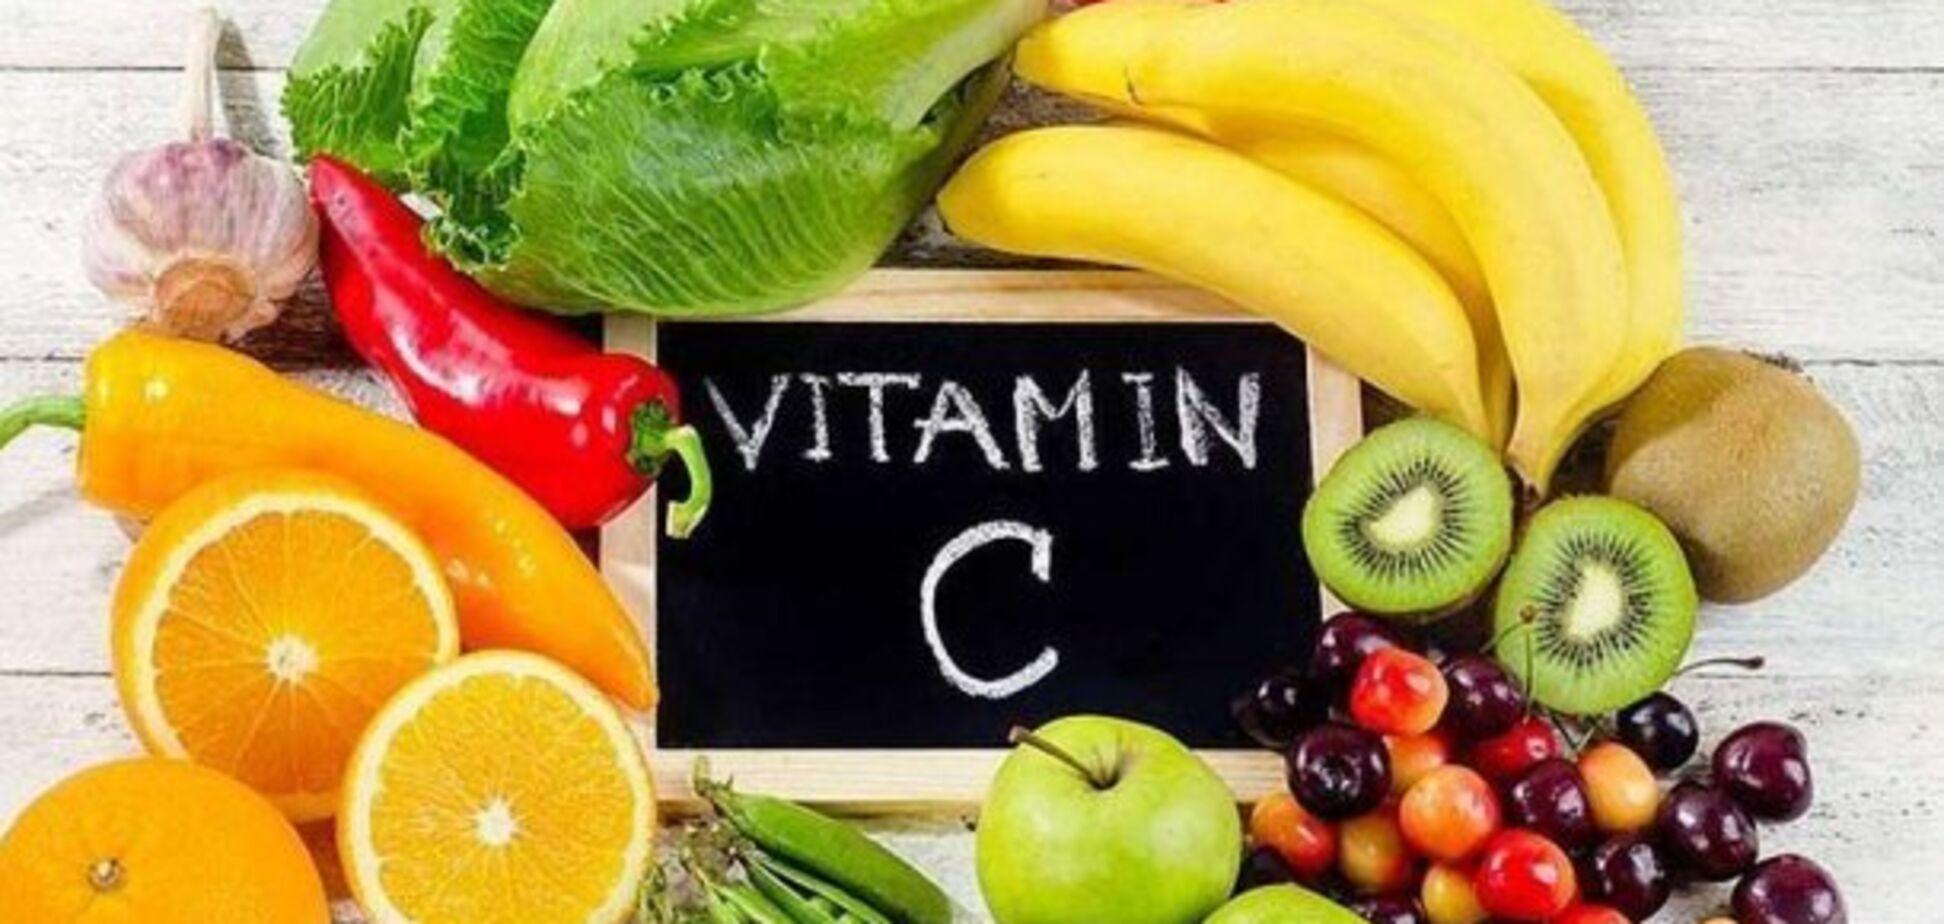 Вся правда о витамине С: чем опасна нехватка и где он содержится